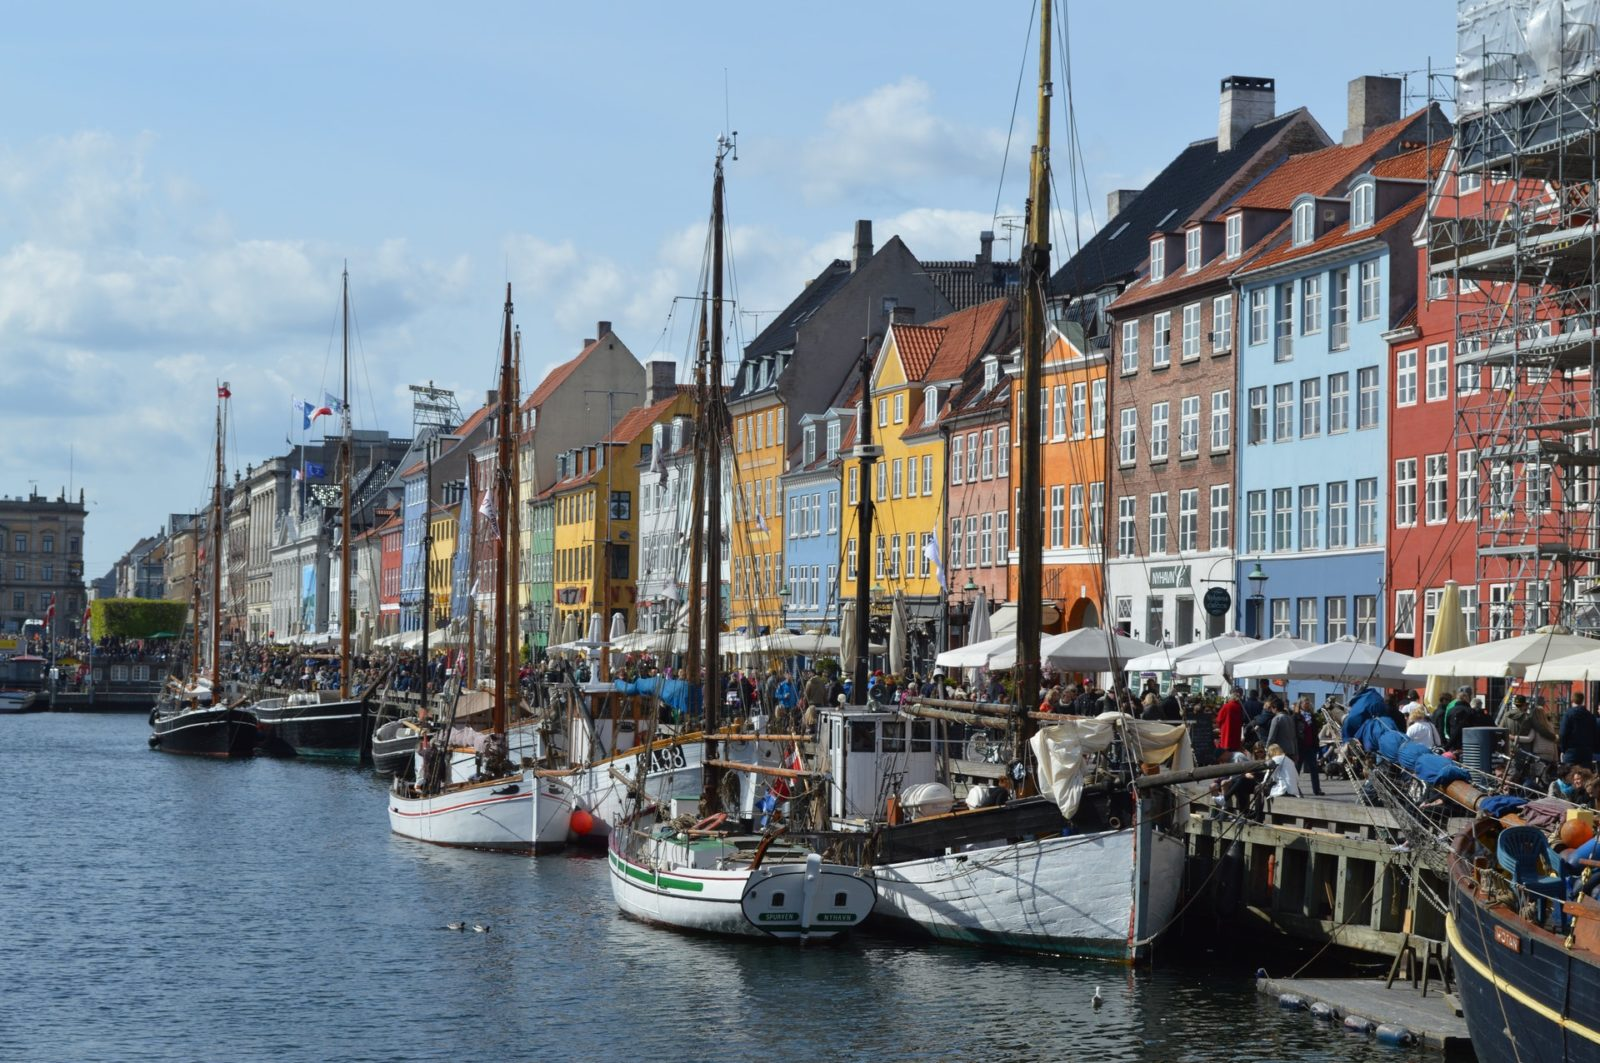 Kuzeyden Kopup Gelen Nordik Kitap Önerileri Listem